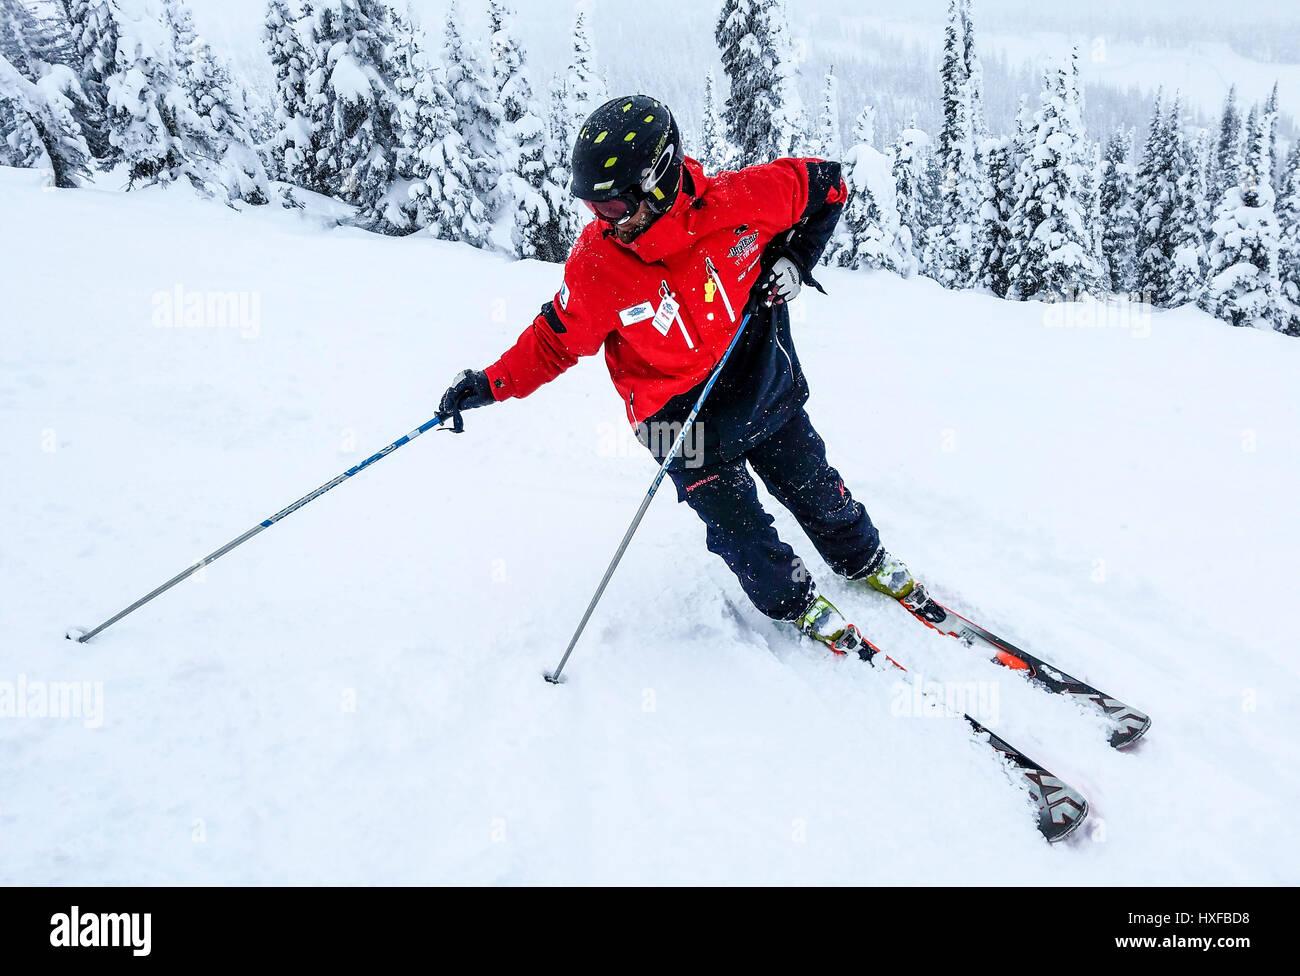 Bei mäßiger Schneefall, die die Landschaft speckles, zeigt Dozent an Big White Ski Resort eine übertriebene, falsche Stockfoto